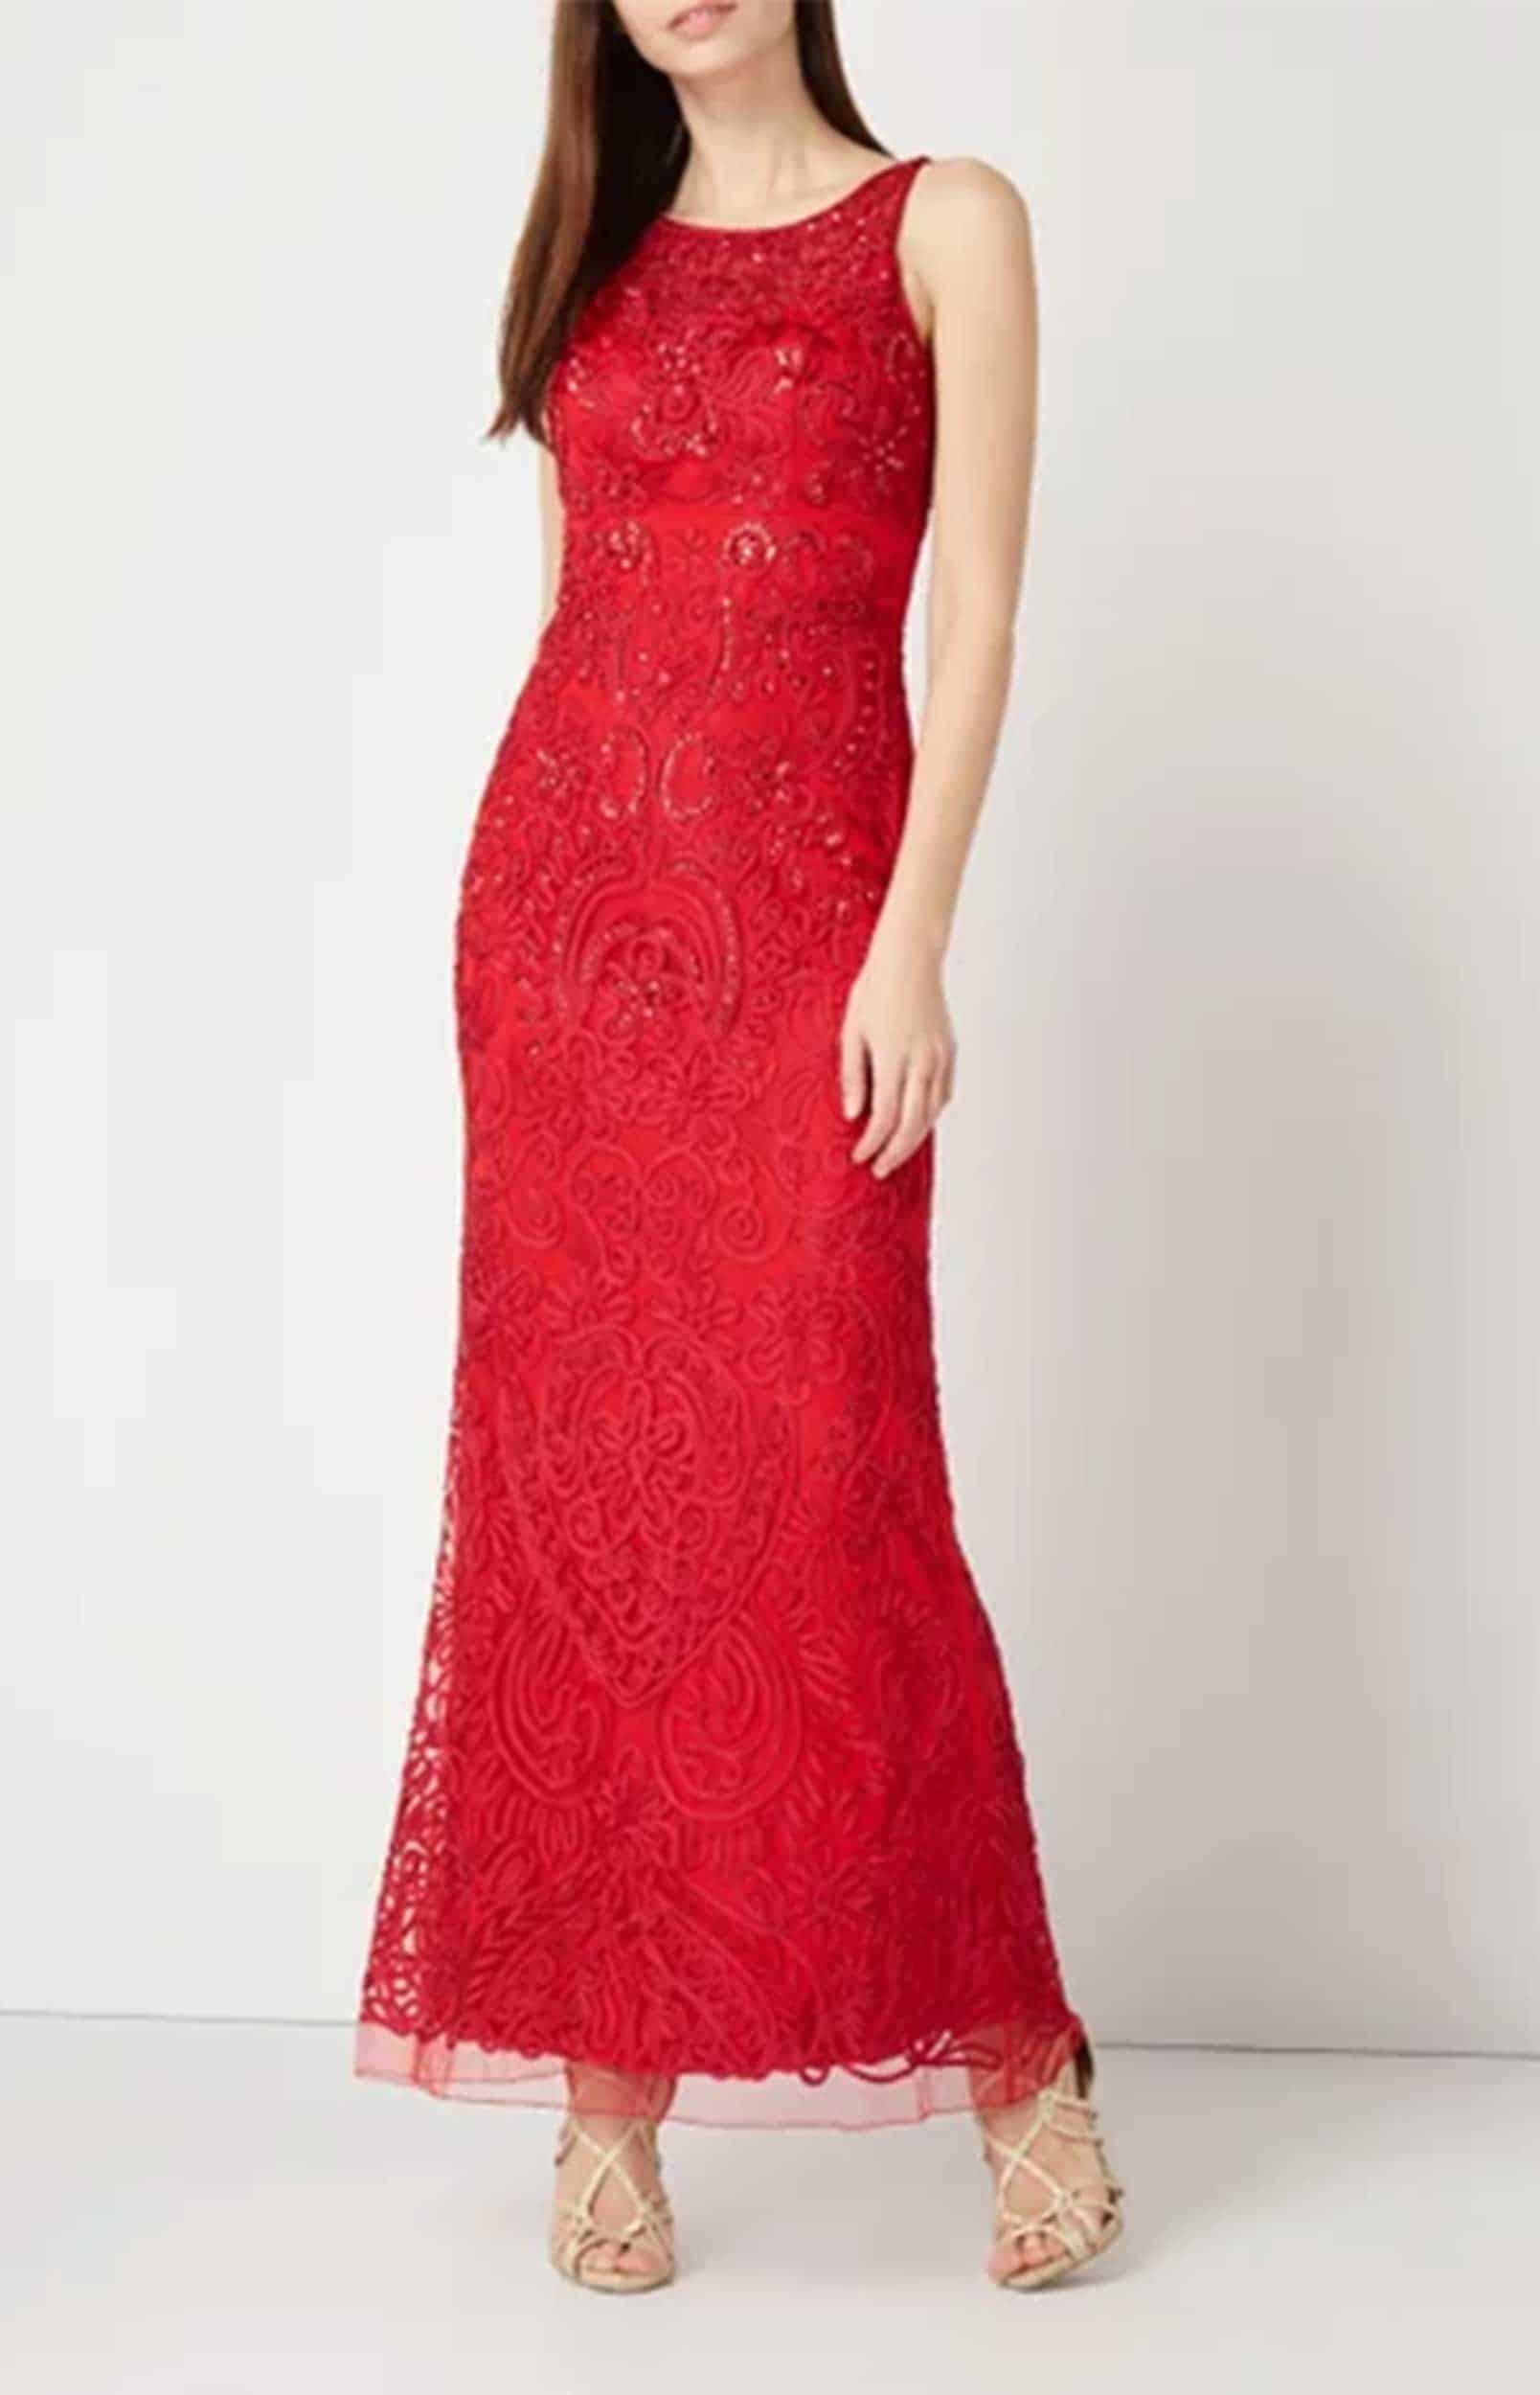 Iznajmljivanje haljina Nis - Niente - Rent A Dress Nis